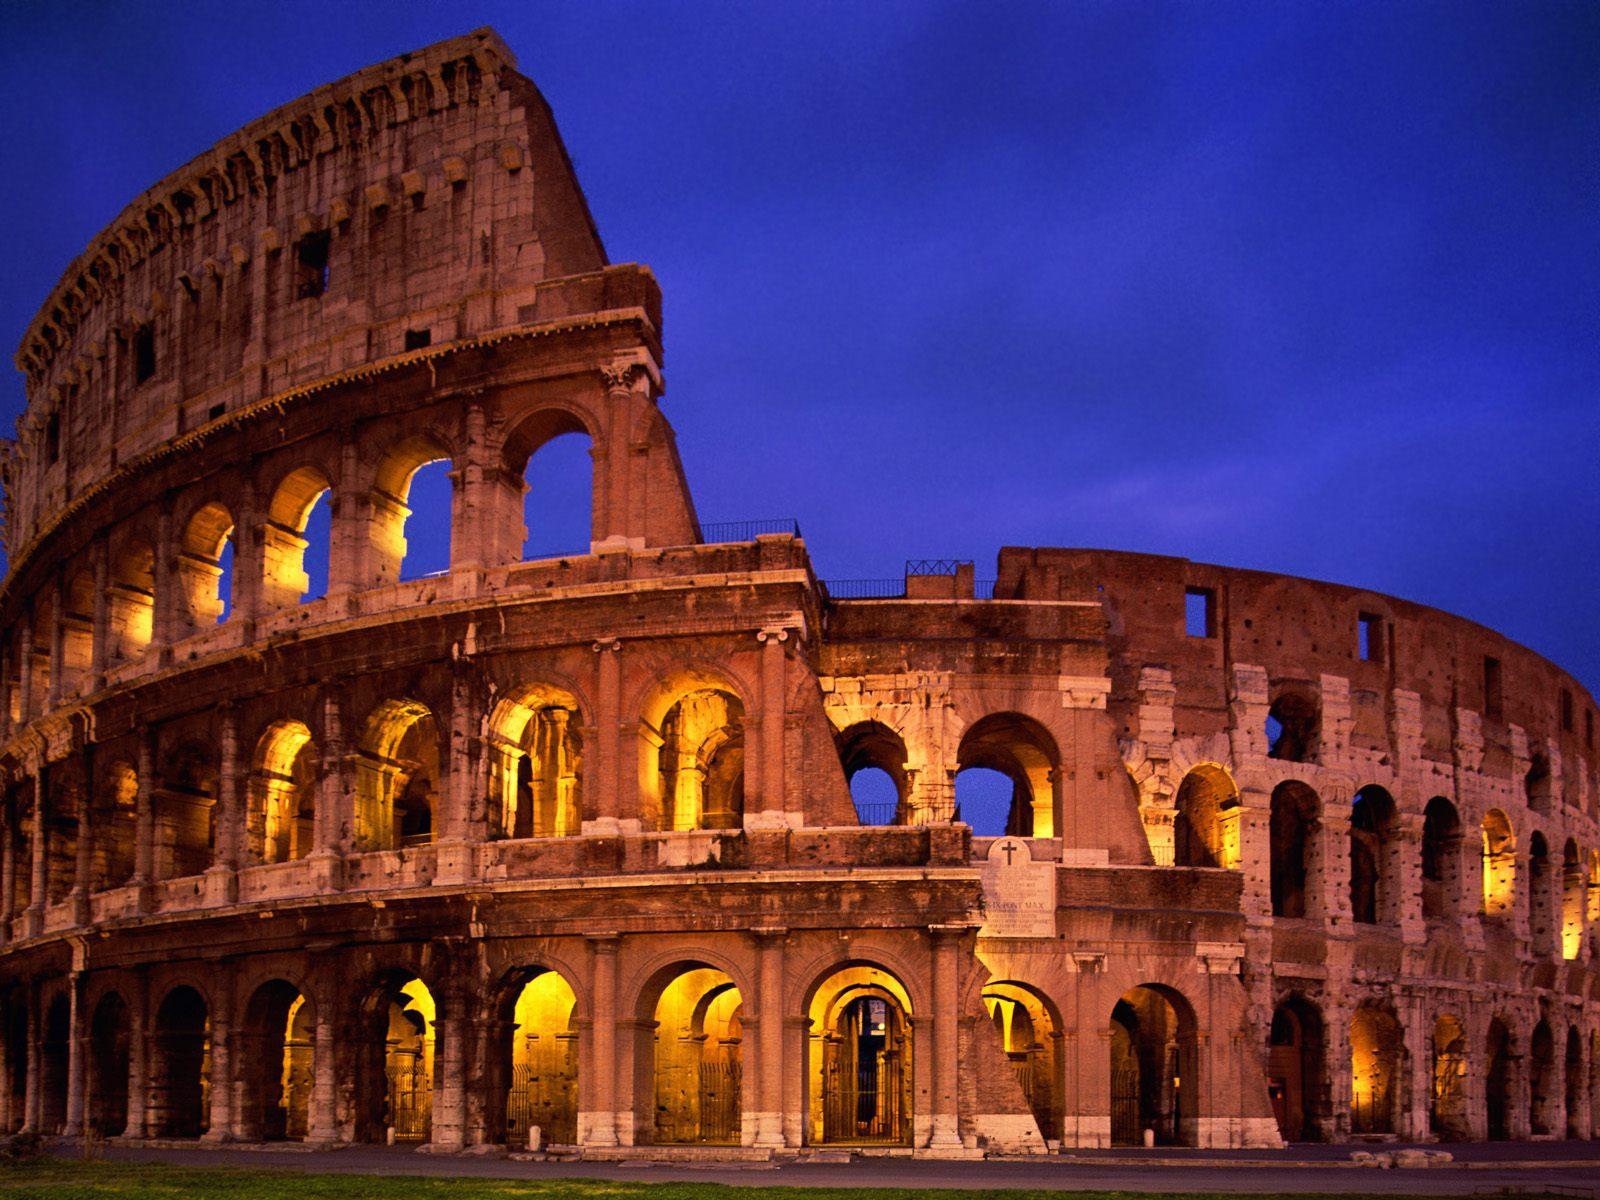 Hotels near Rome Italy